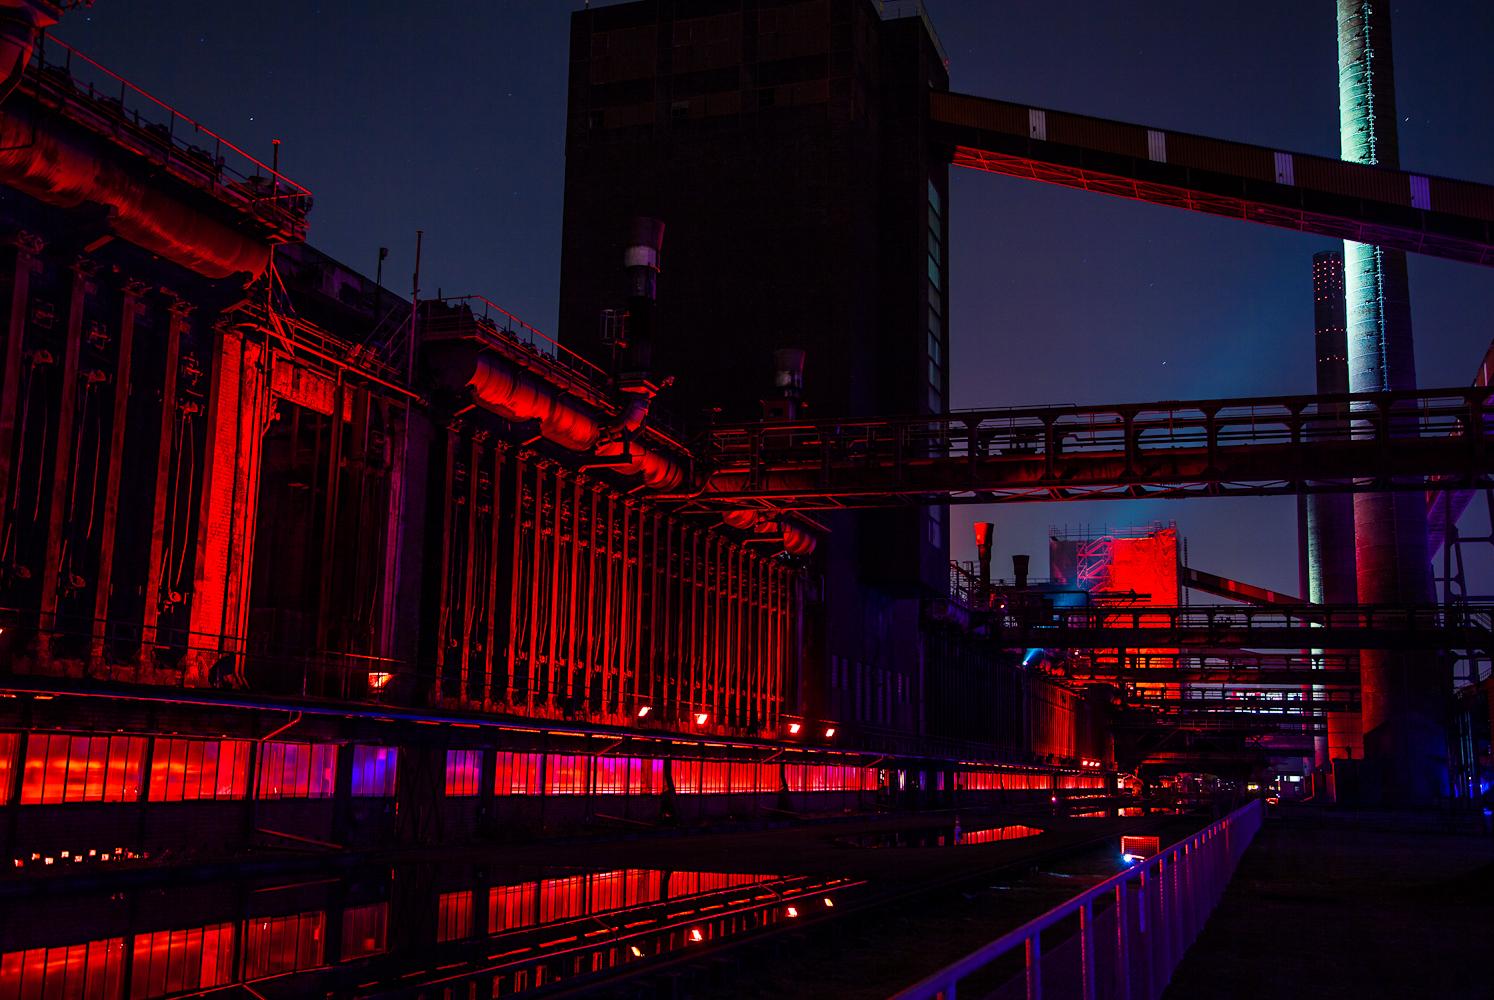 Farbspiel Zeche Zollverein